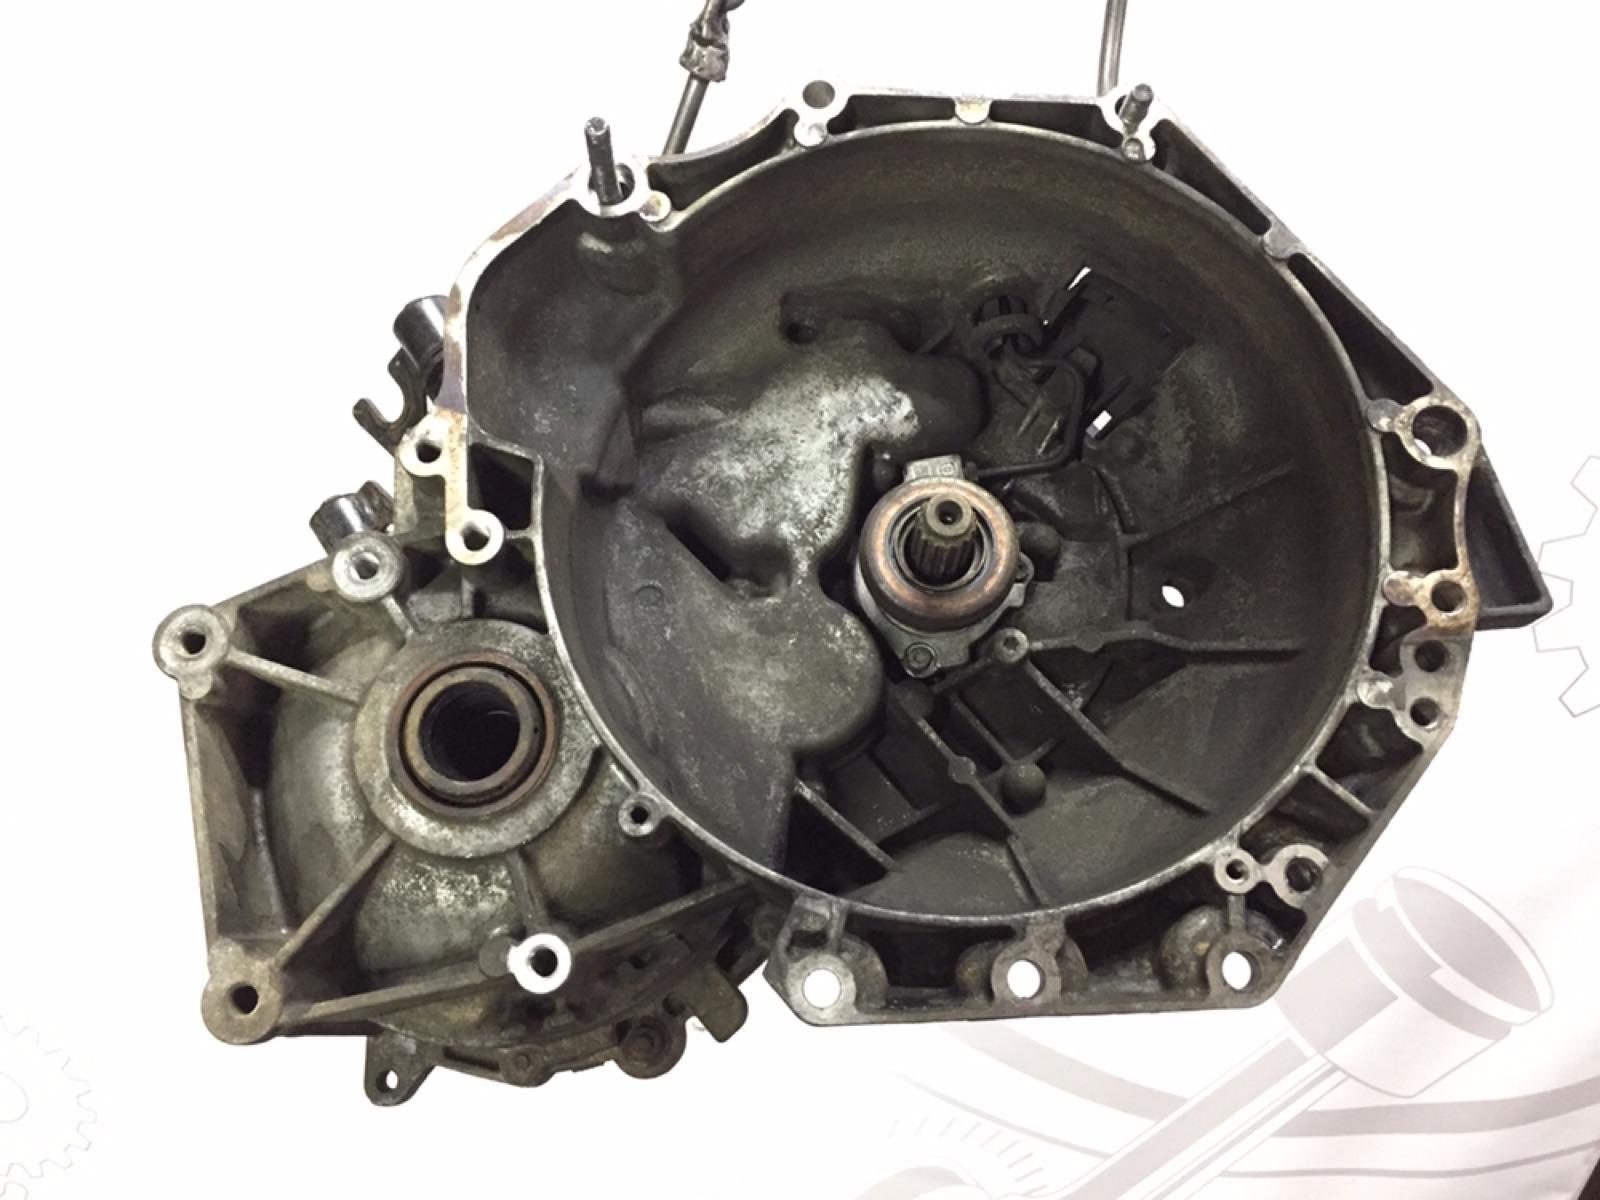 Кпп механическая (мкпп) Opel Vectra C 3.2 I 2005 (б/у)